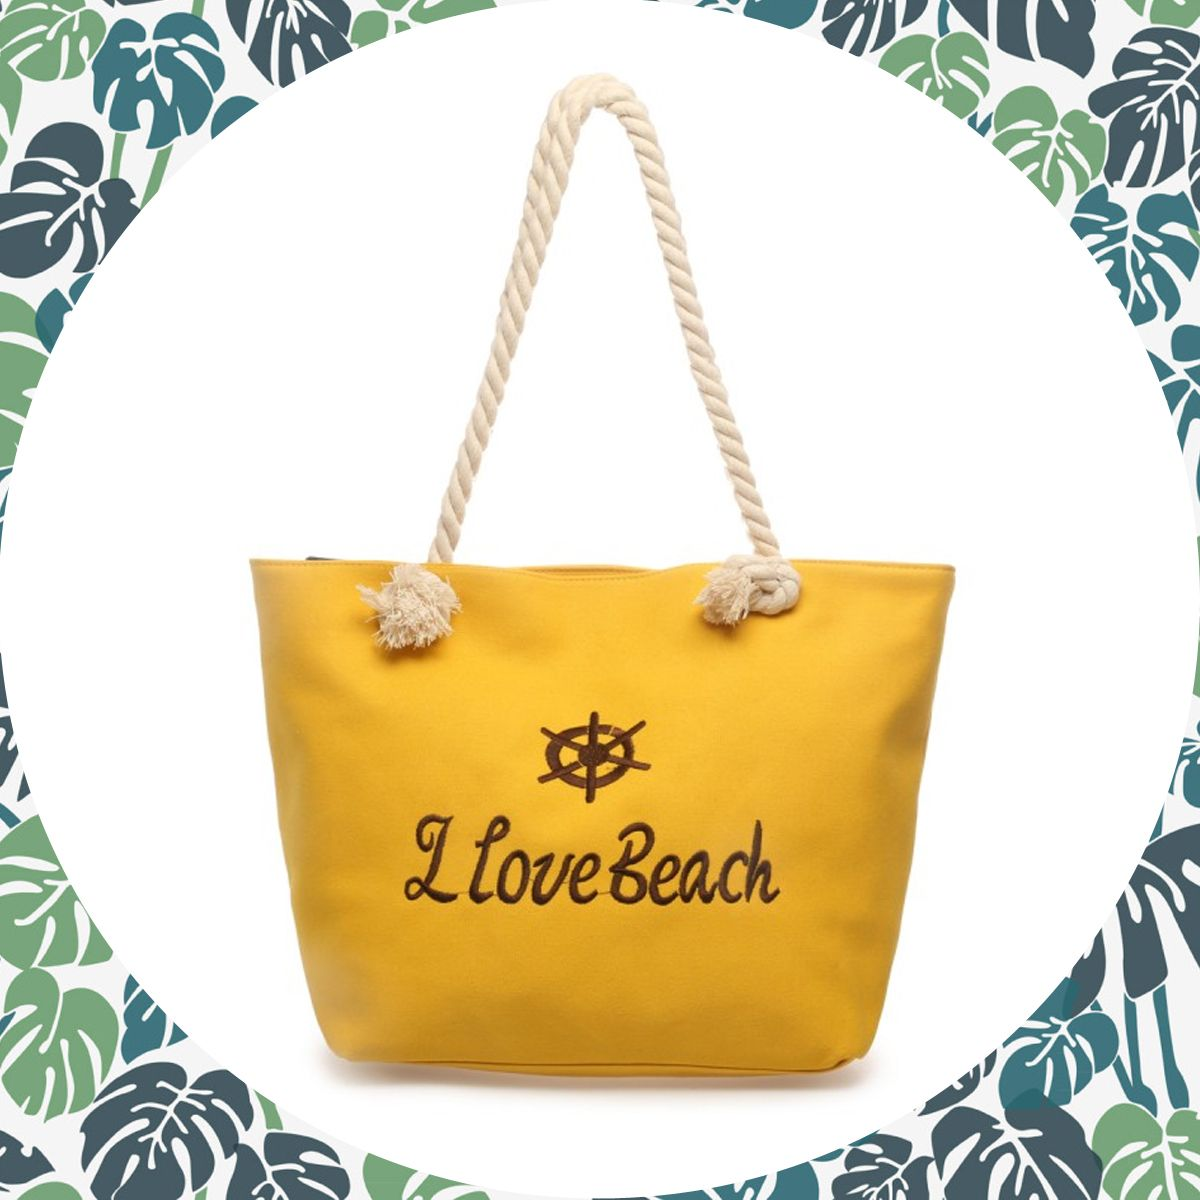 Prête pour les vacances !? No'oubliez pas de commander votre sac de plage lamodeuse.com! A shopper ici https://www.lamodeuse.com/paniers-sacs-de-plage/25460-sac-de-plage-jaune-uni.html #summer #été #2016 #shopping #wishlist #haul #fashion #blog #mode #modeuse